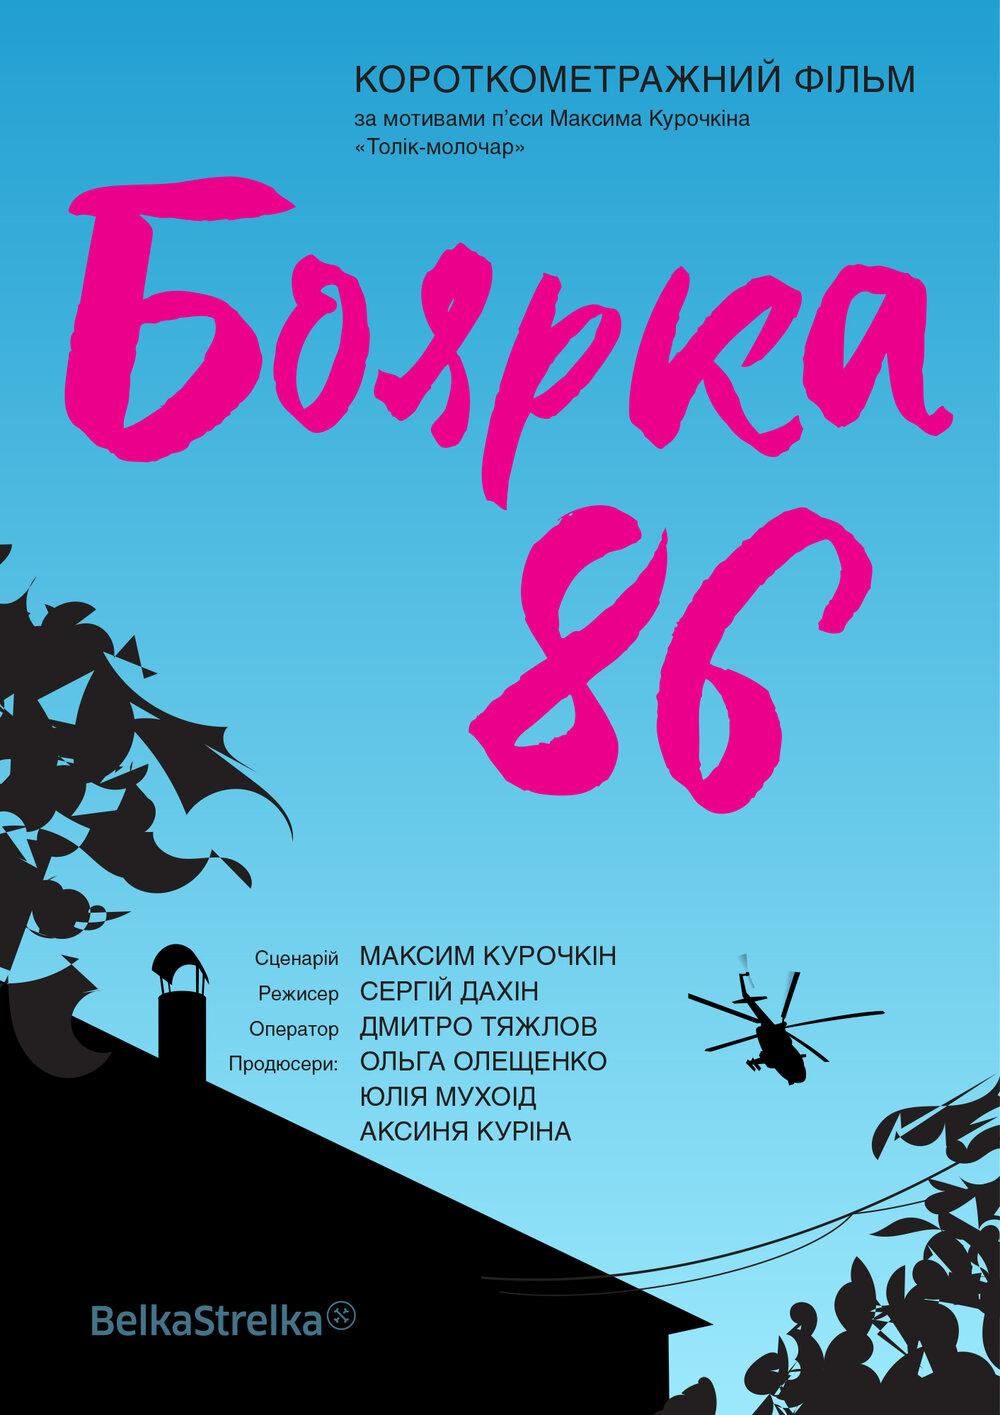 Постер фільму «Боряка-86». Автор: BelkaStrelka Film Branding